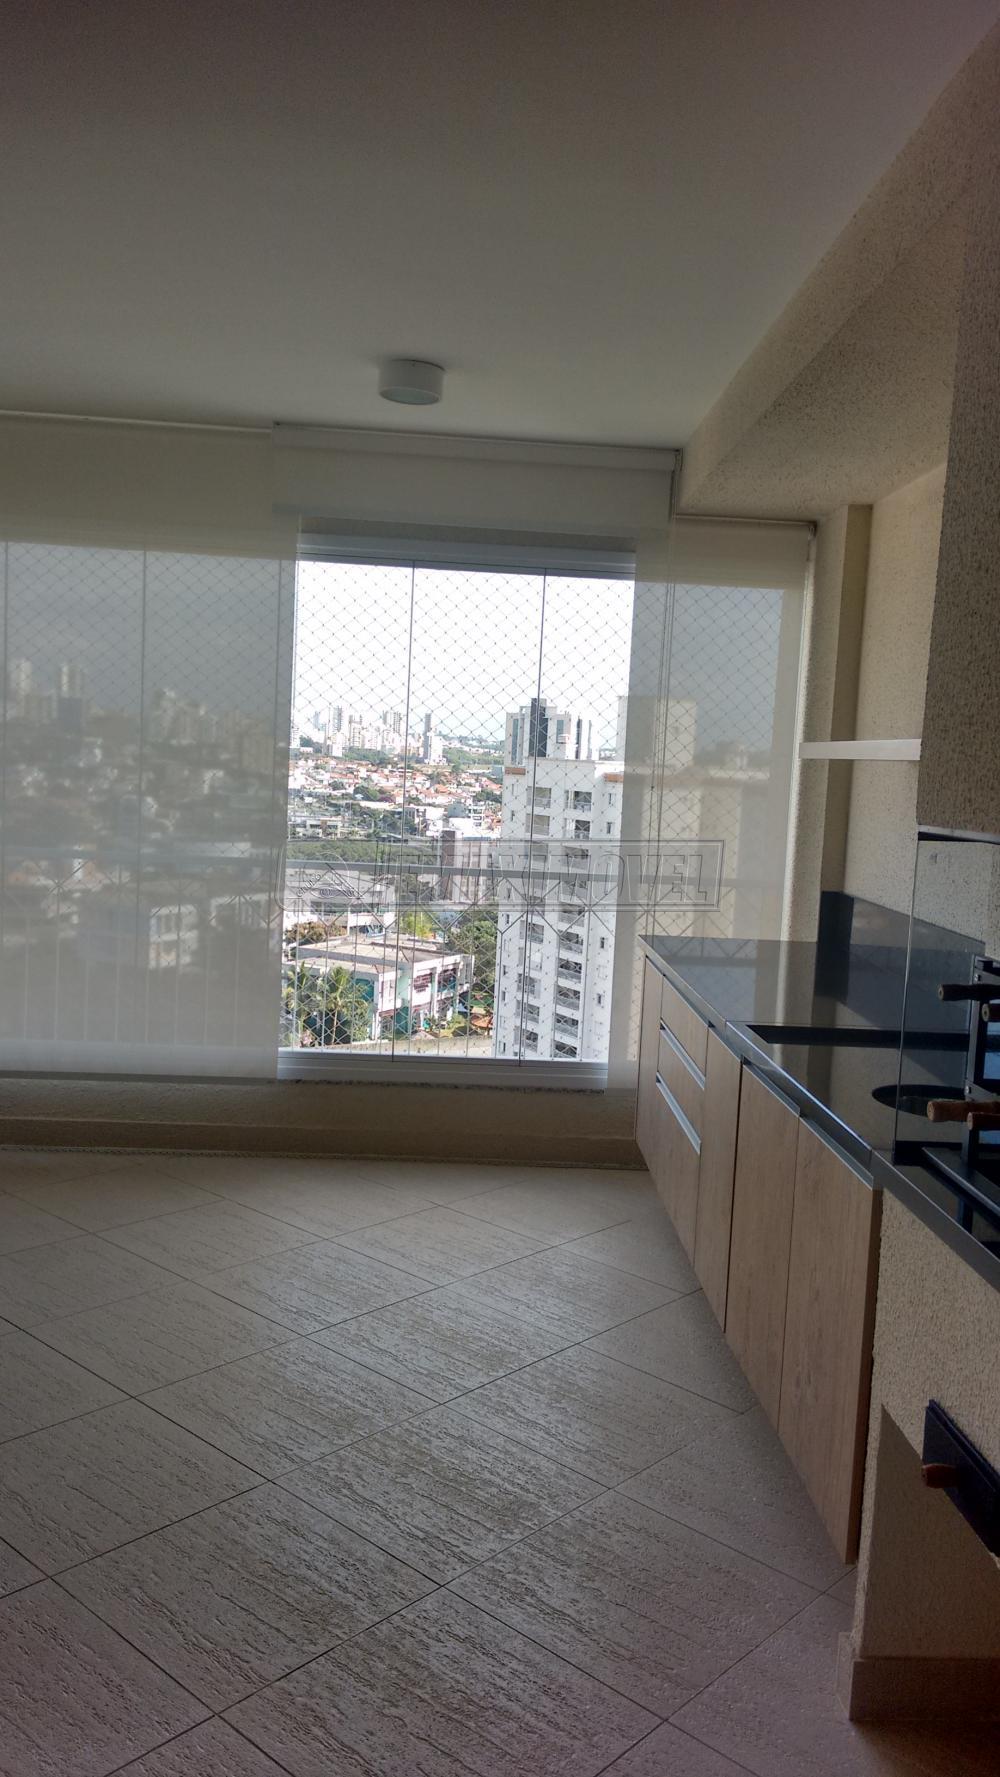 Comprar Apartamentos / Apto Padrão em Sorocaba apenas R$ 1.400.000,00 - Foto 30